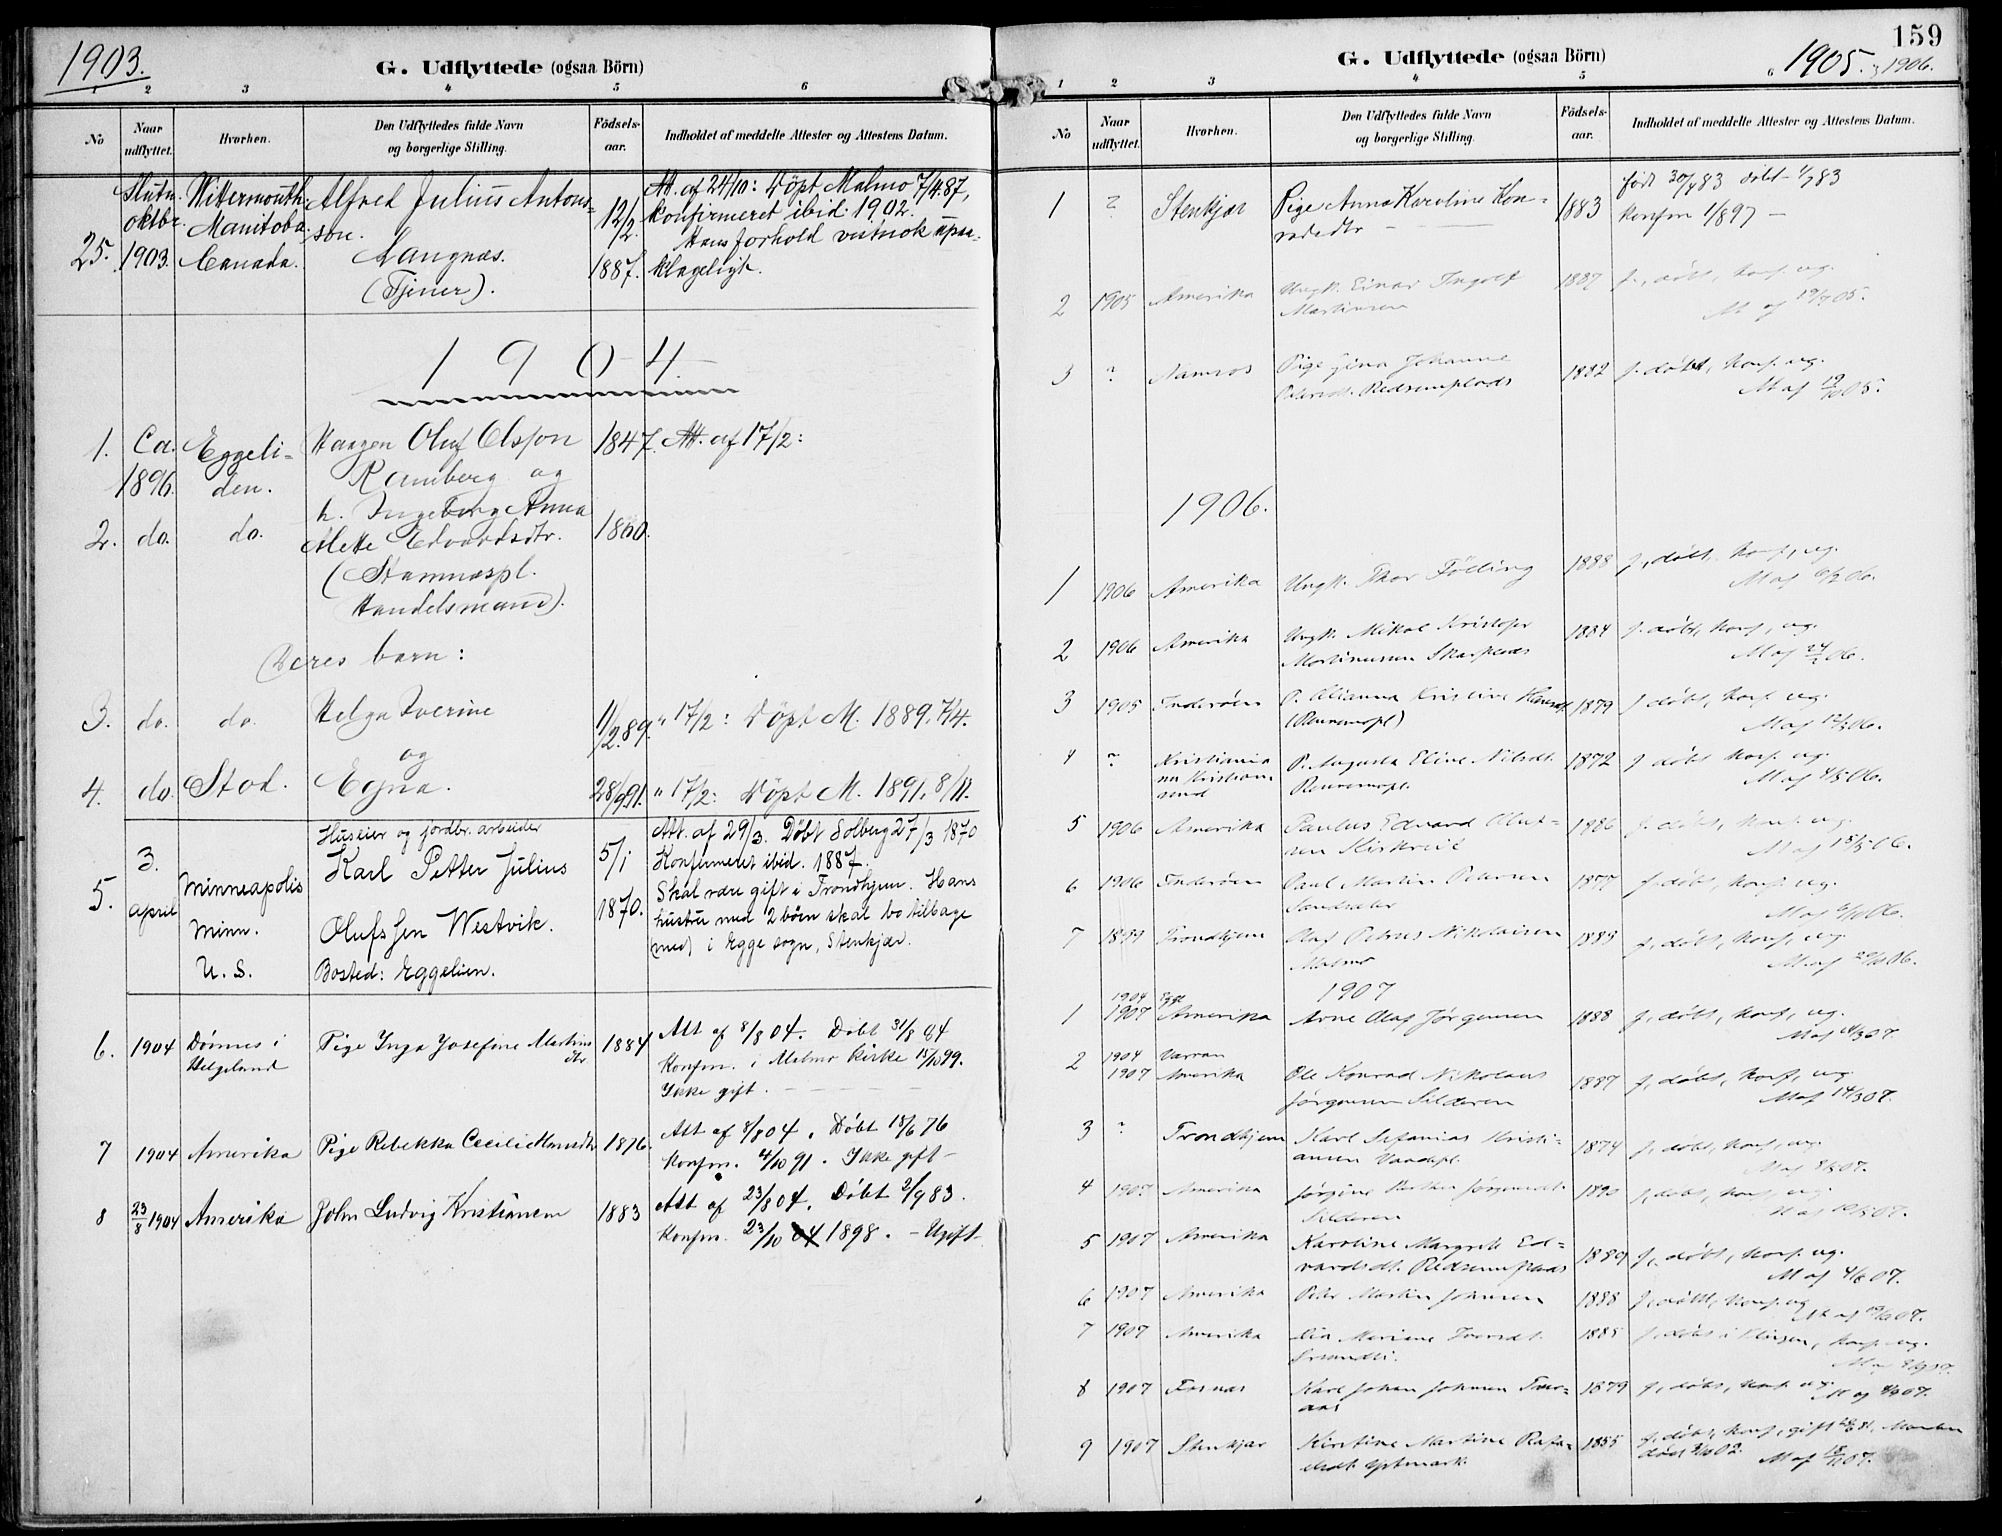 SAT, Ministerialprotokoller, klokkerbøker og fødselsregistre - Nord-Trøndelag, 745/L0430: Ministerialbok nr. 745A02, 1895-1913, s. 159